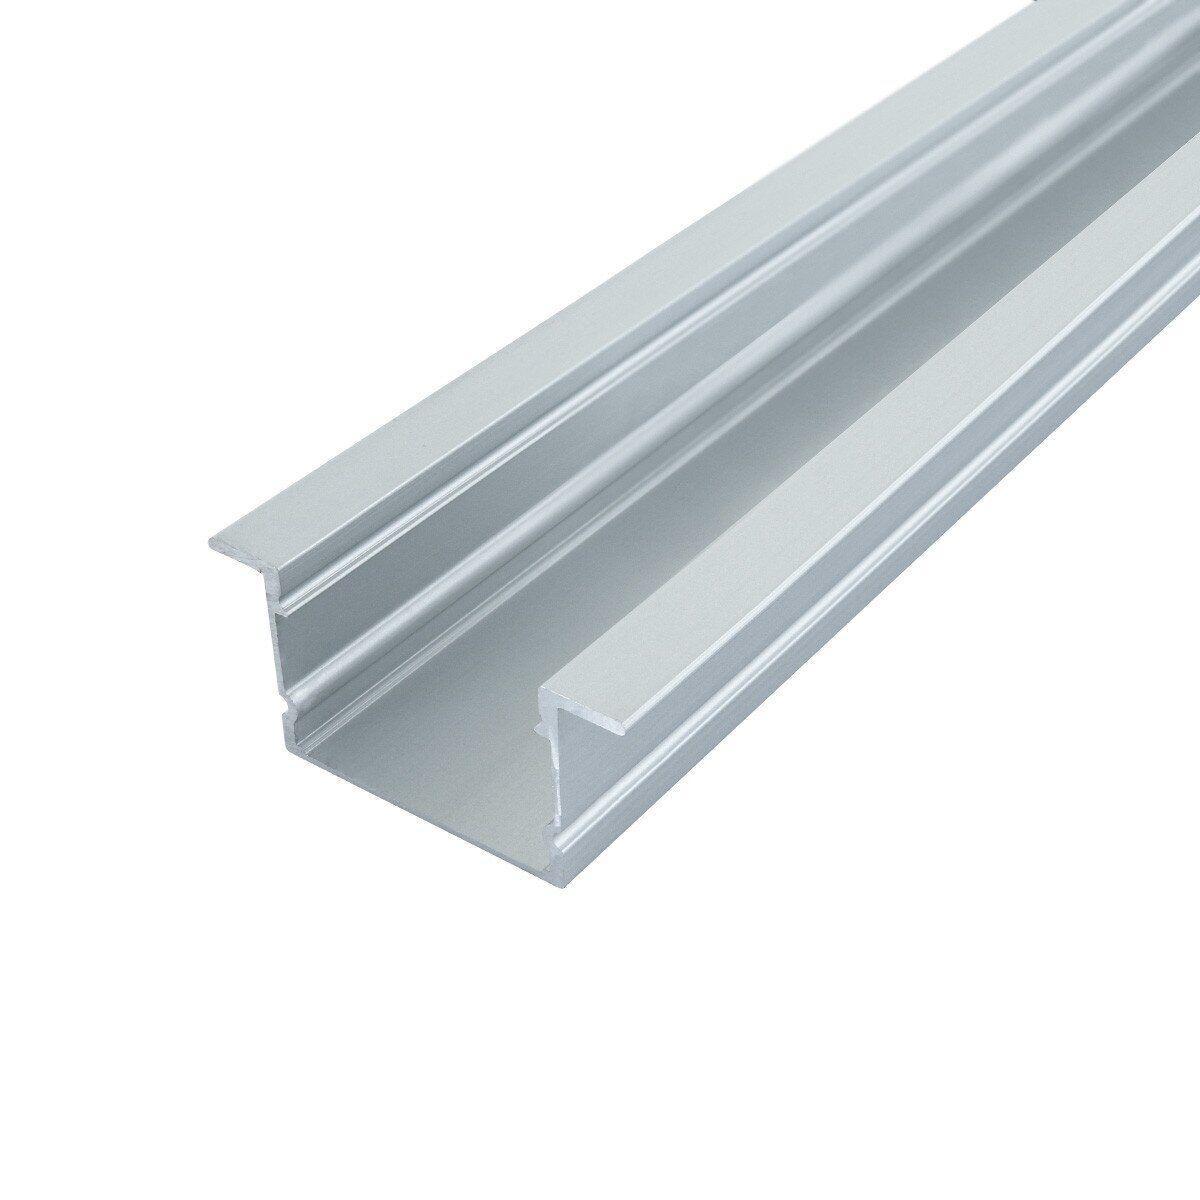 Профиль алюминиевый врезной ЛПВ20 20х30 Biom (комплект профиль+линза), 2м